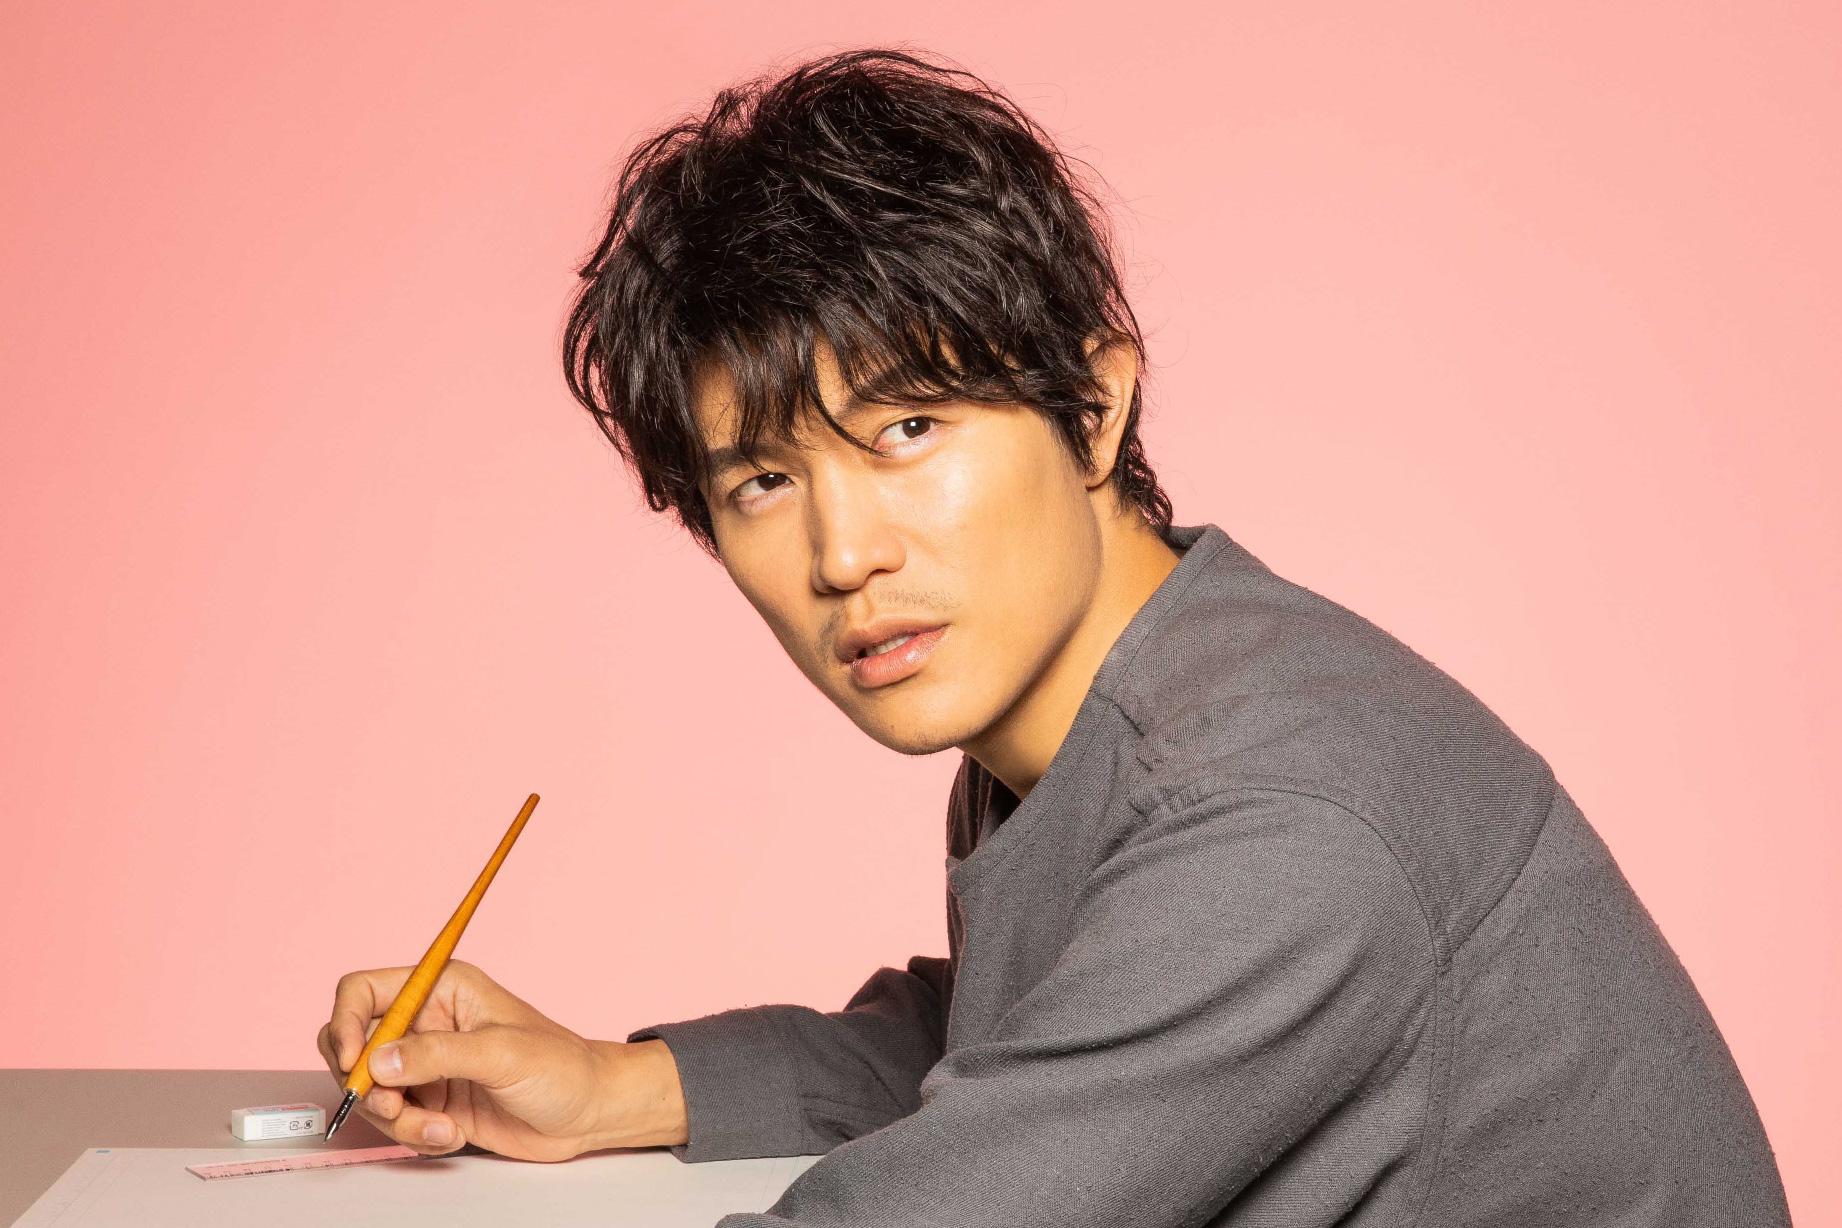 ドラマ,レンアイ漫画家で主人公演じる鈴木亮平,ペンを握り振り返るシーン